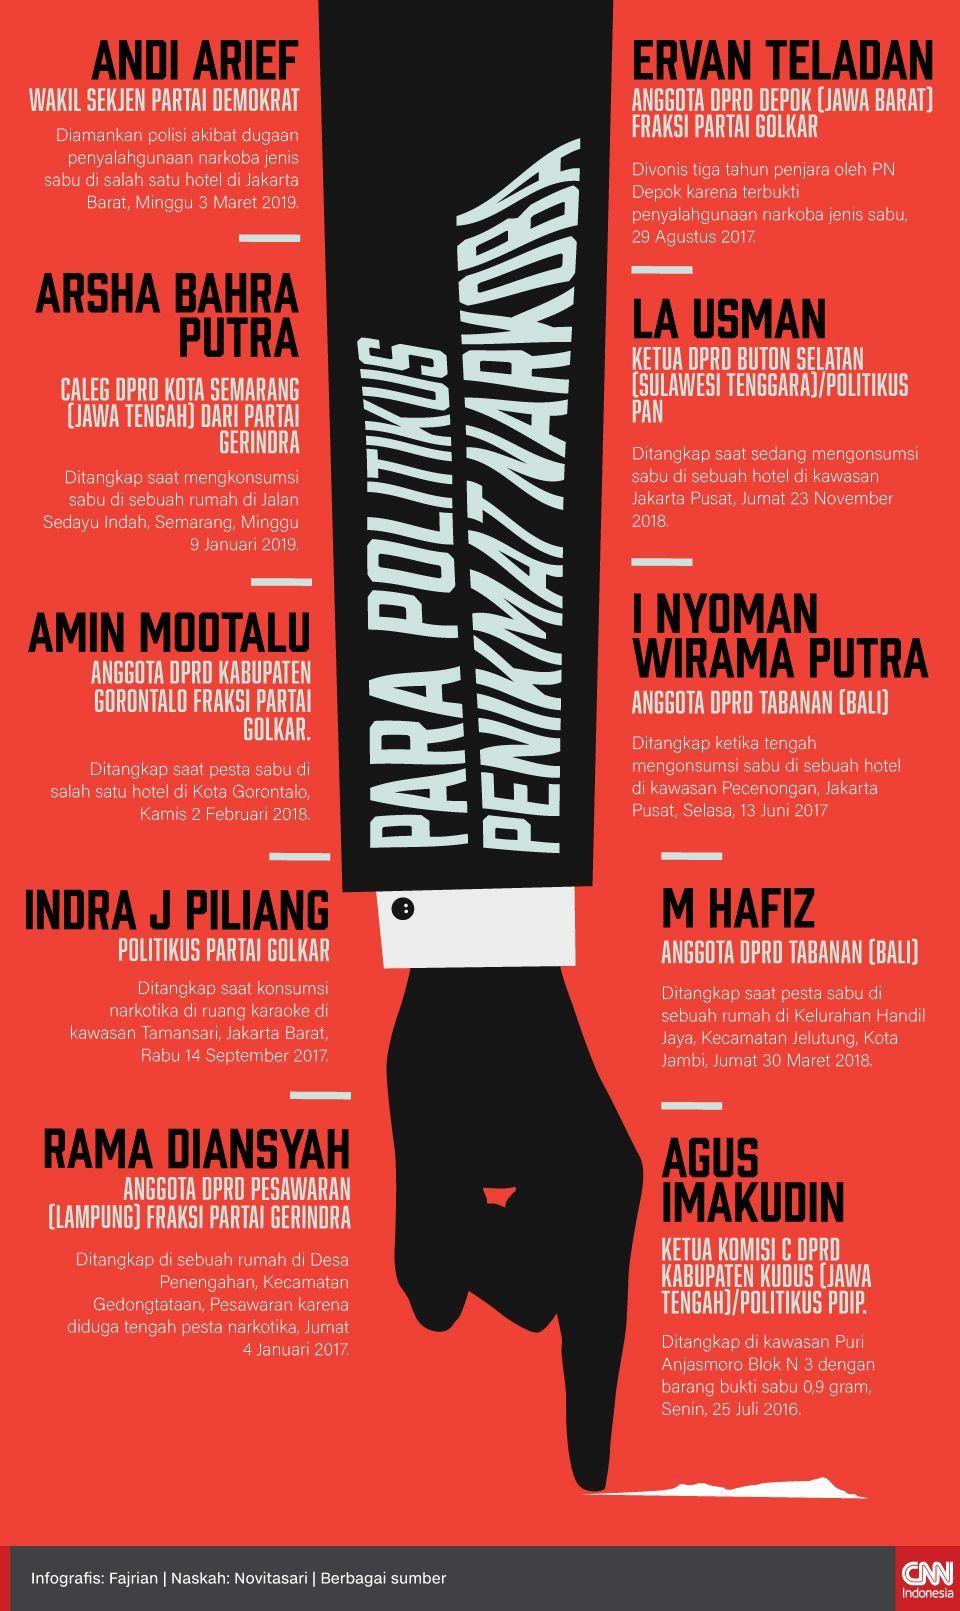 Infografis Para politikus penikmat narkoba